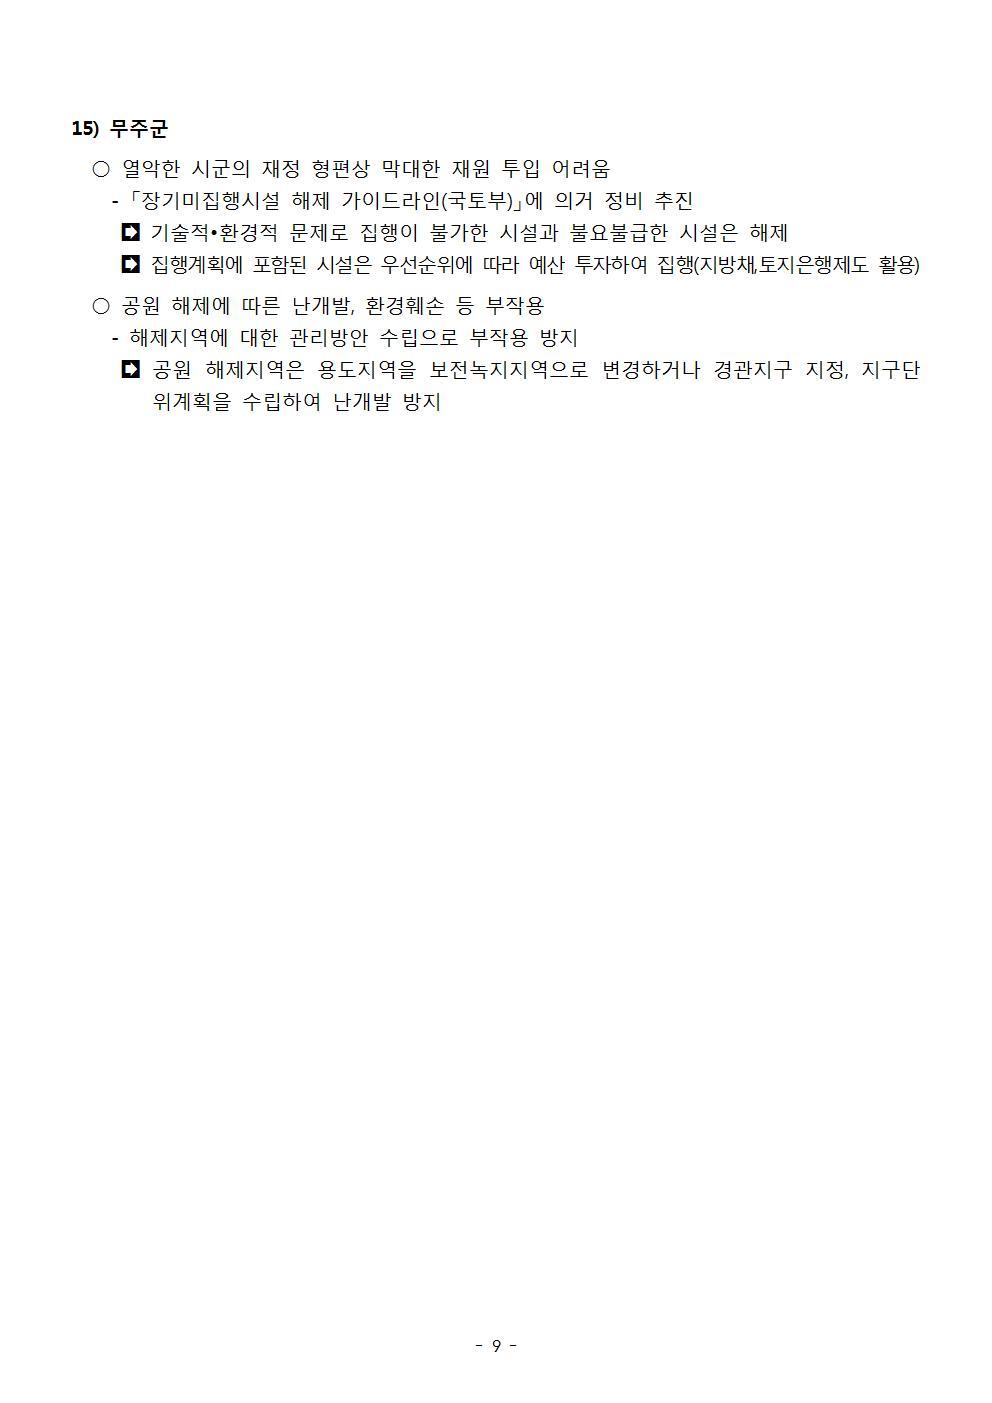 20180210-전북의 도시공원  현황_2차 자료 정리009.jpg